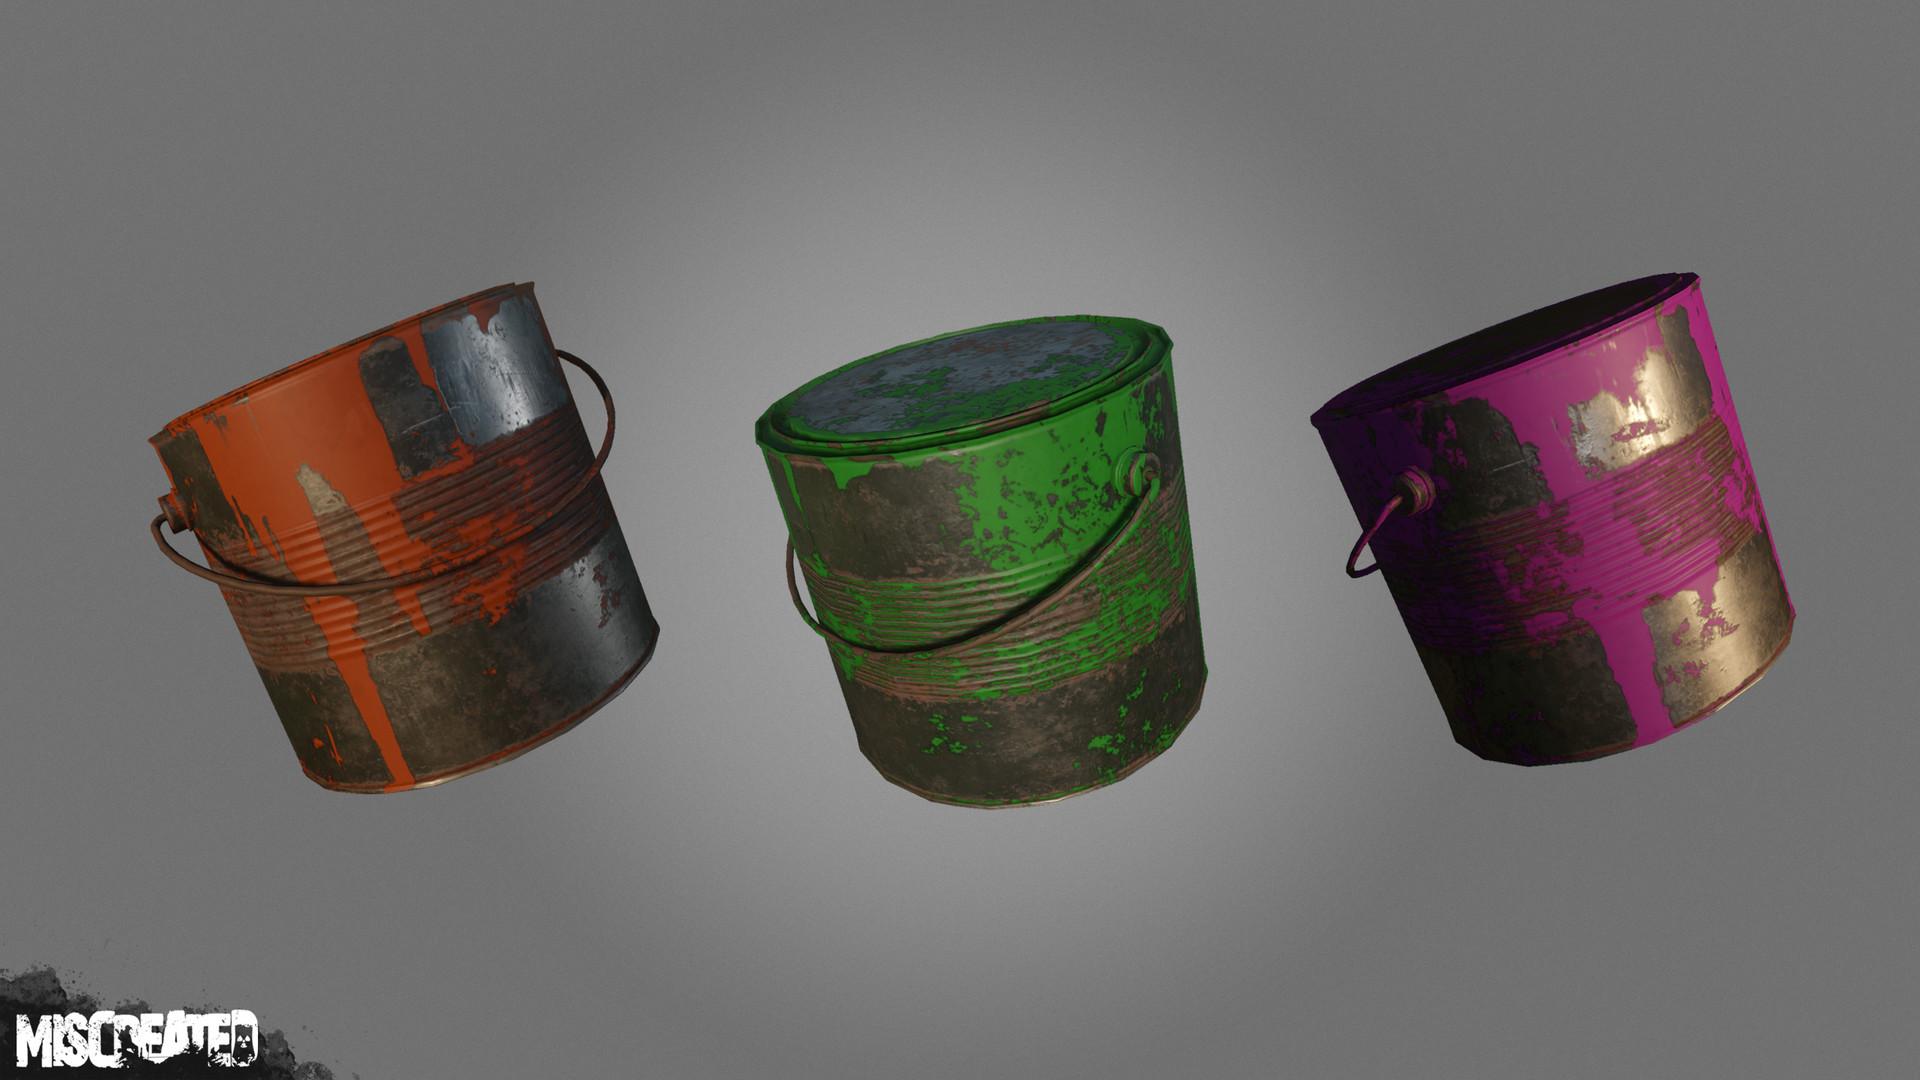 Carl kent paint cans 1